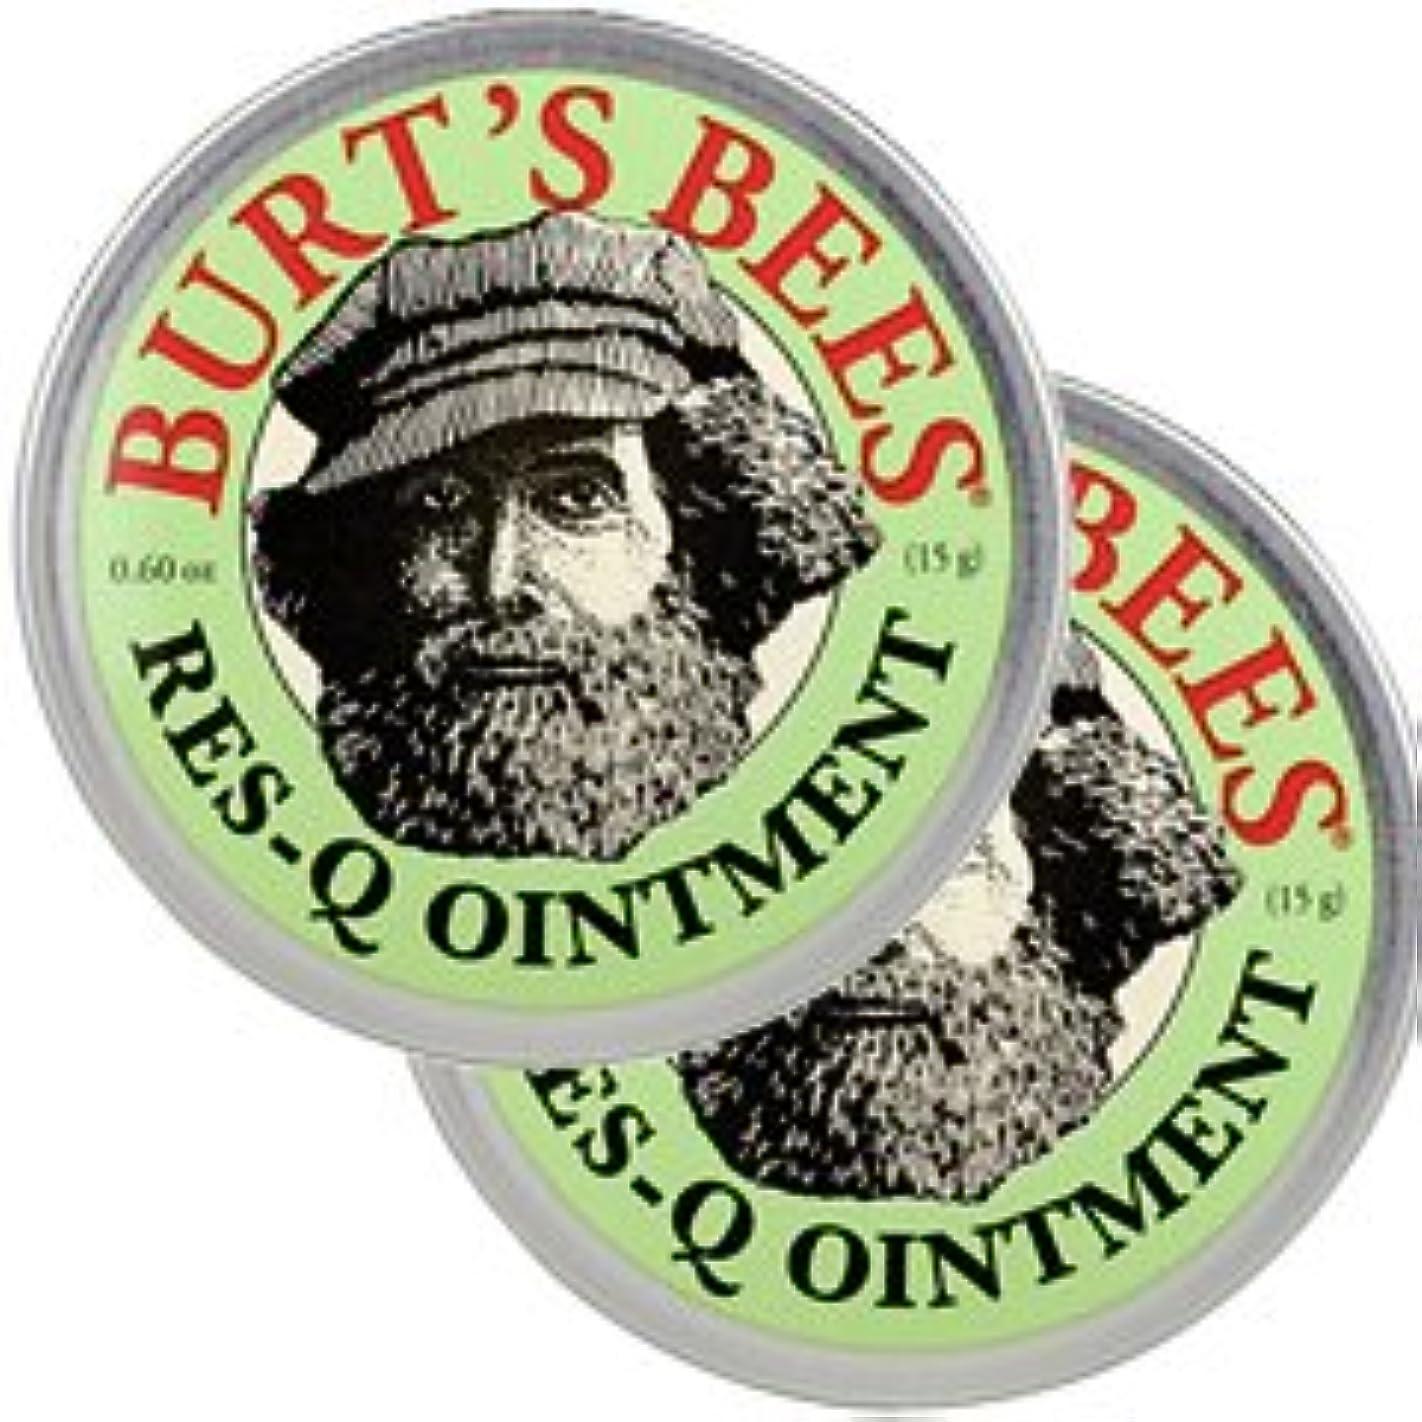 首うるさいグッゲンハイム美術館バーツビーズ(Burt's Bees)レスキュー オイントメント 17g 2個セット[並行輸入品][海外直送品]